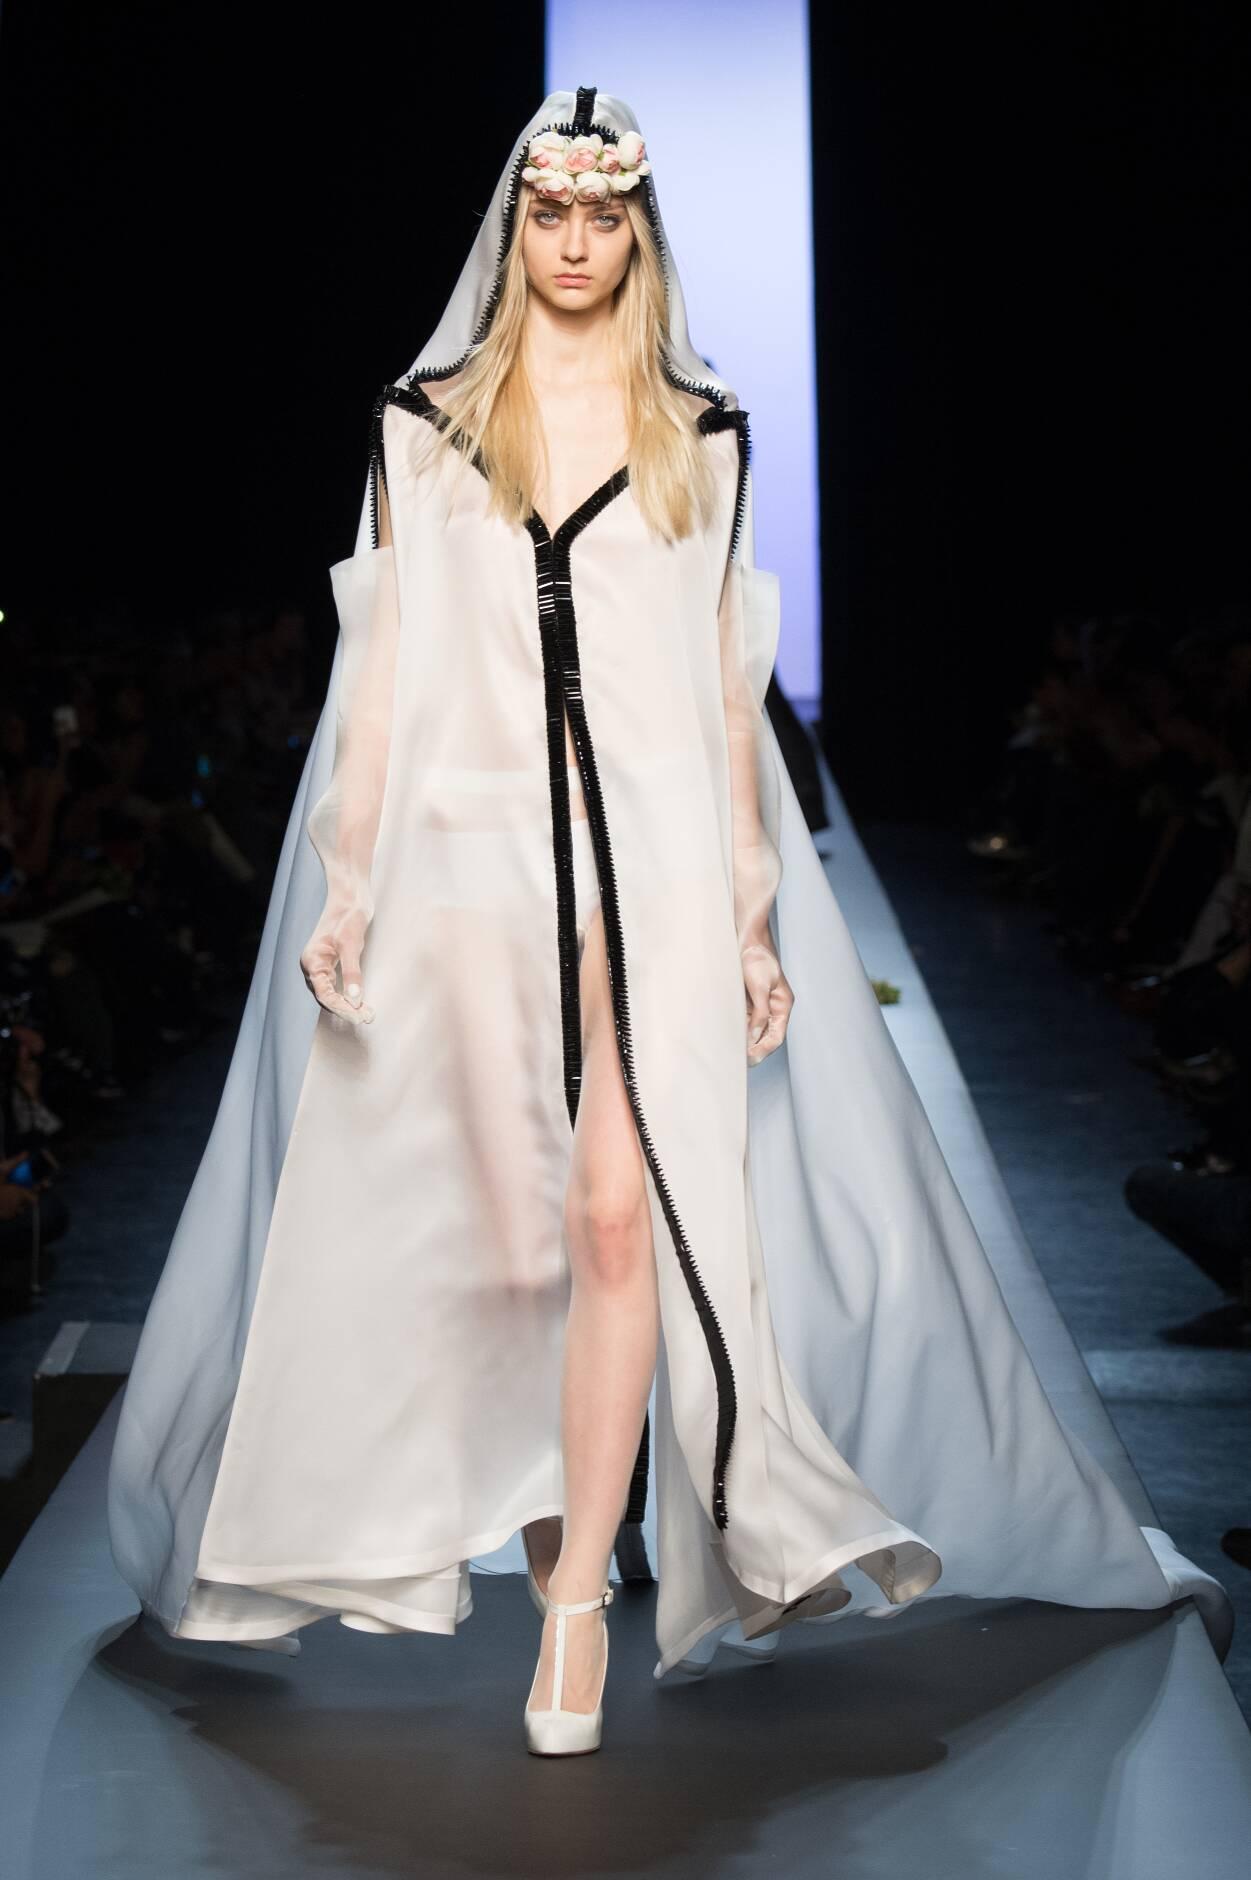 Jean Paul Gaultier Haute Couture Fashion Show